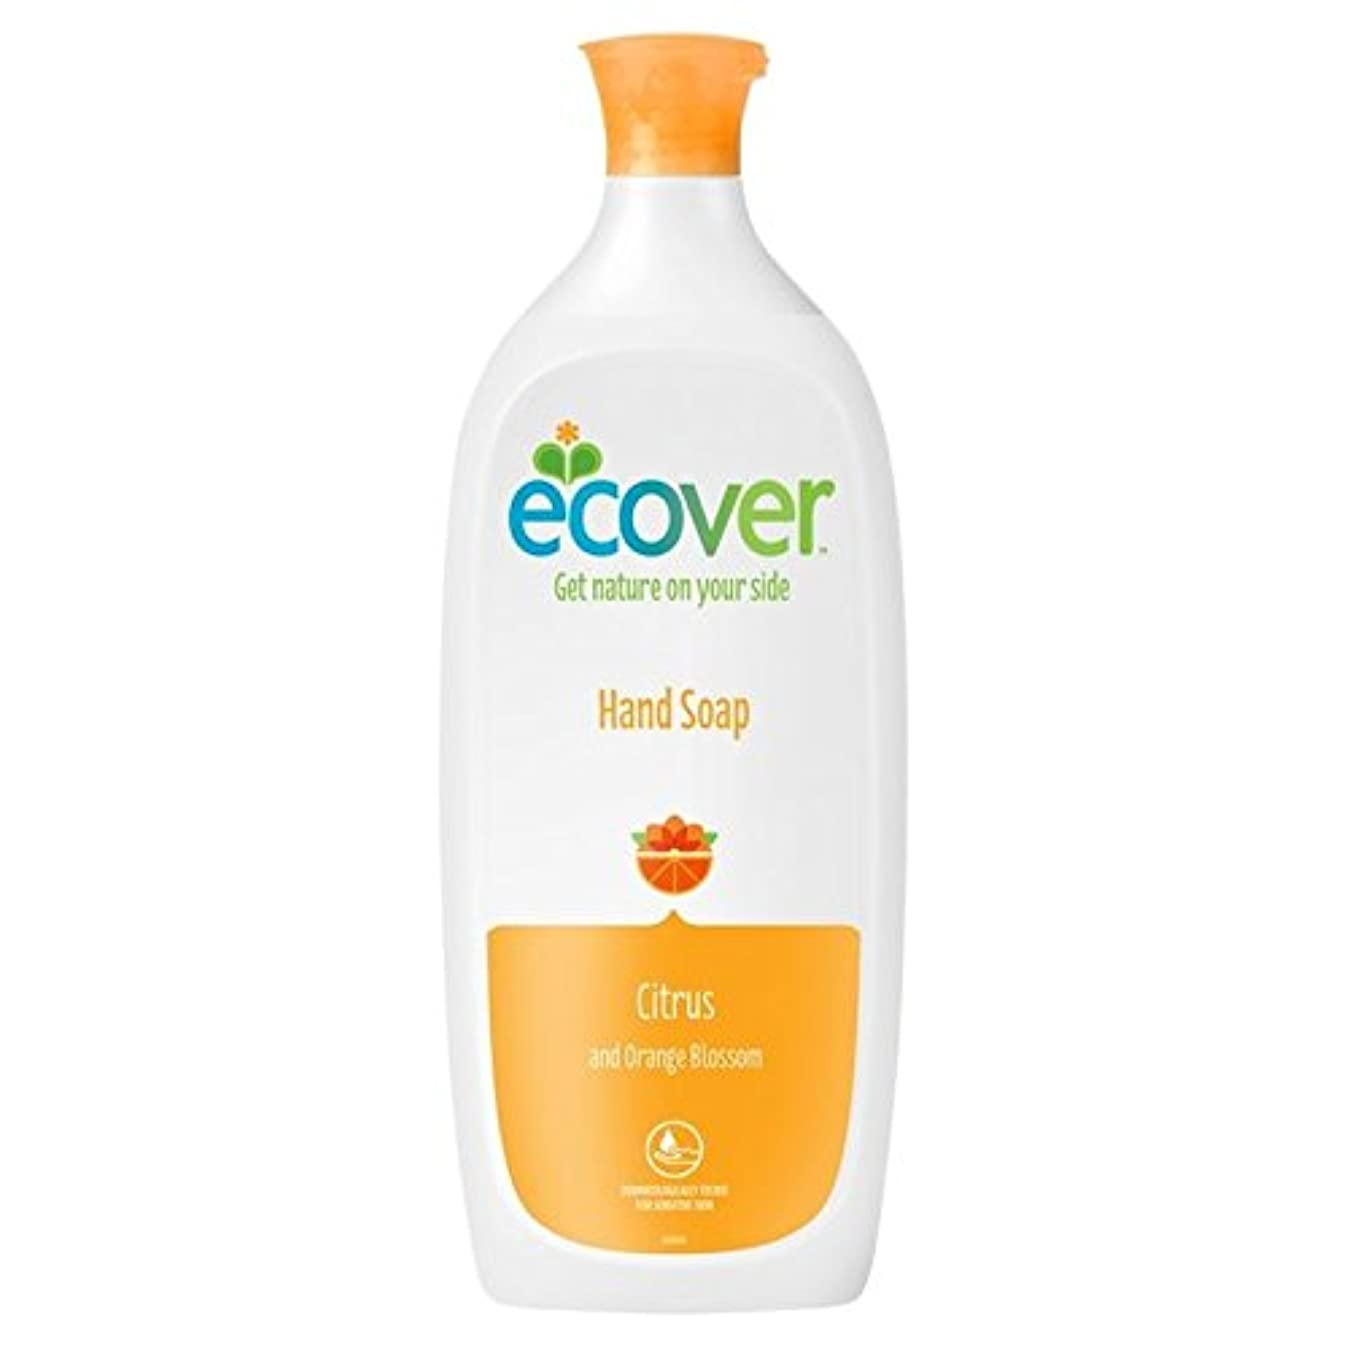 モンキー病クリスマスエコベール液体石鹸シトラス&オレンジの花のリフィル1リットル x4 - Ecover Liquid Soap Citrus & Orange Blossom Refill 1L (Pack of 4) [並行輸入品]